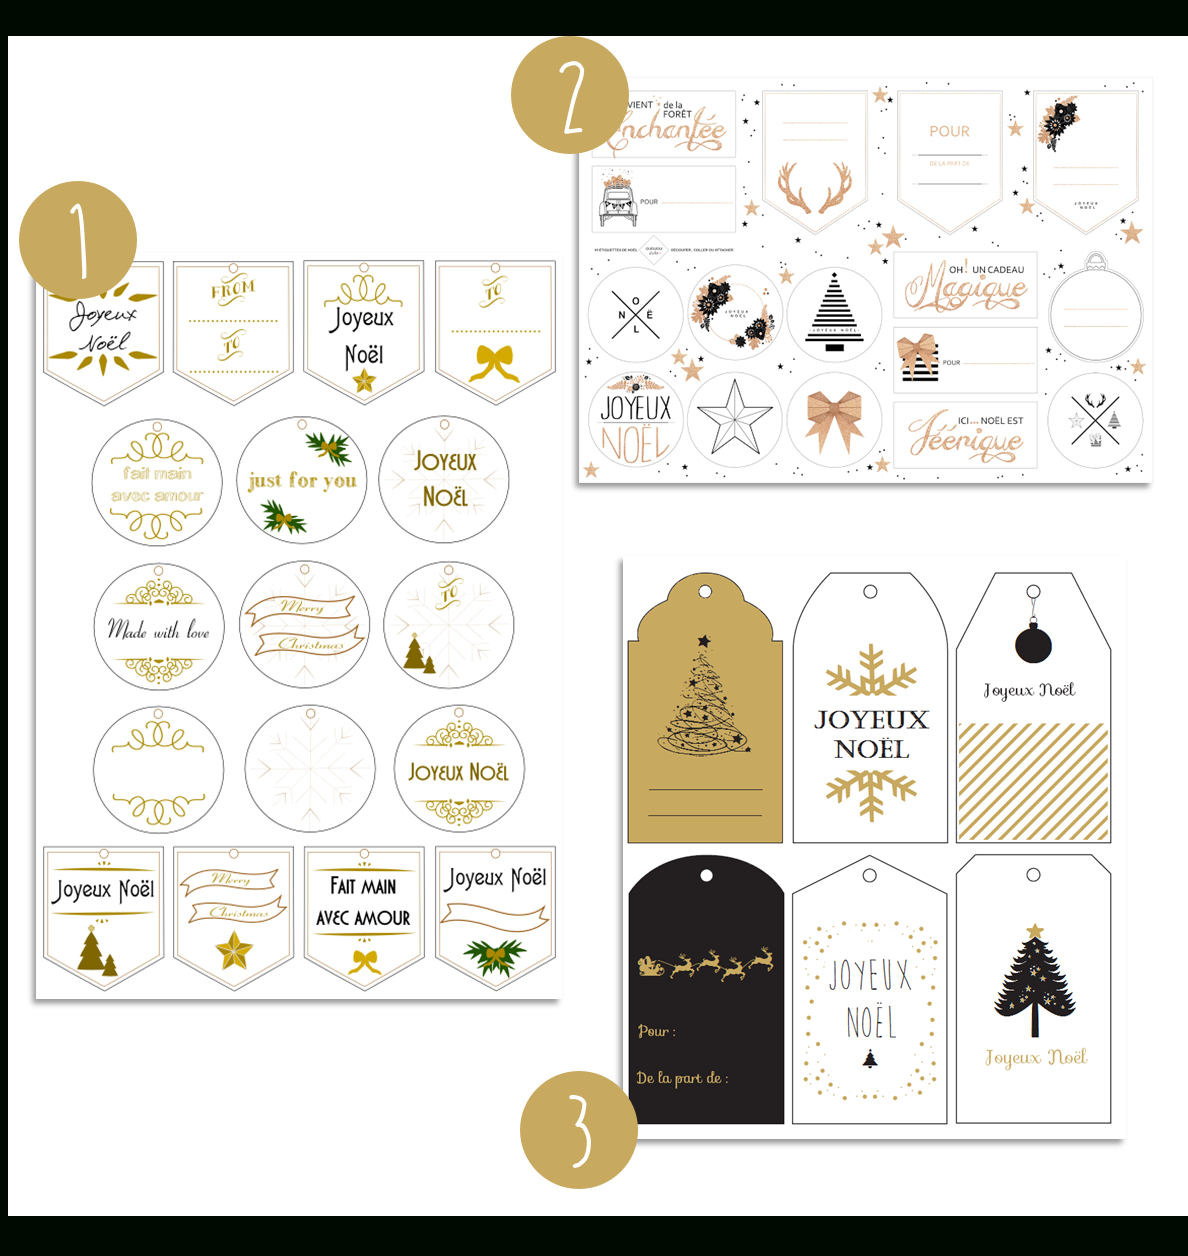 Une Sélection D'étiquettes De Noël À Imprimer Gratuitement concernant Etiquette Cadeau Noel A Imprimer Gratuitement